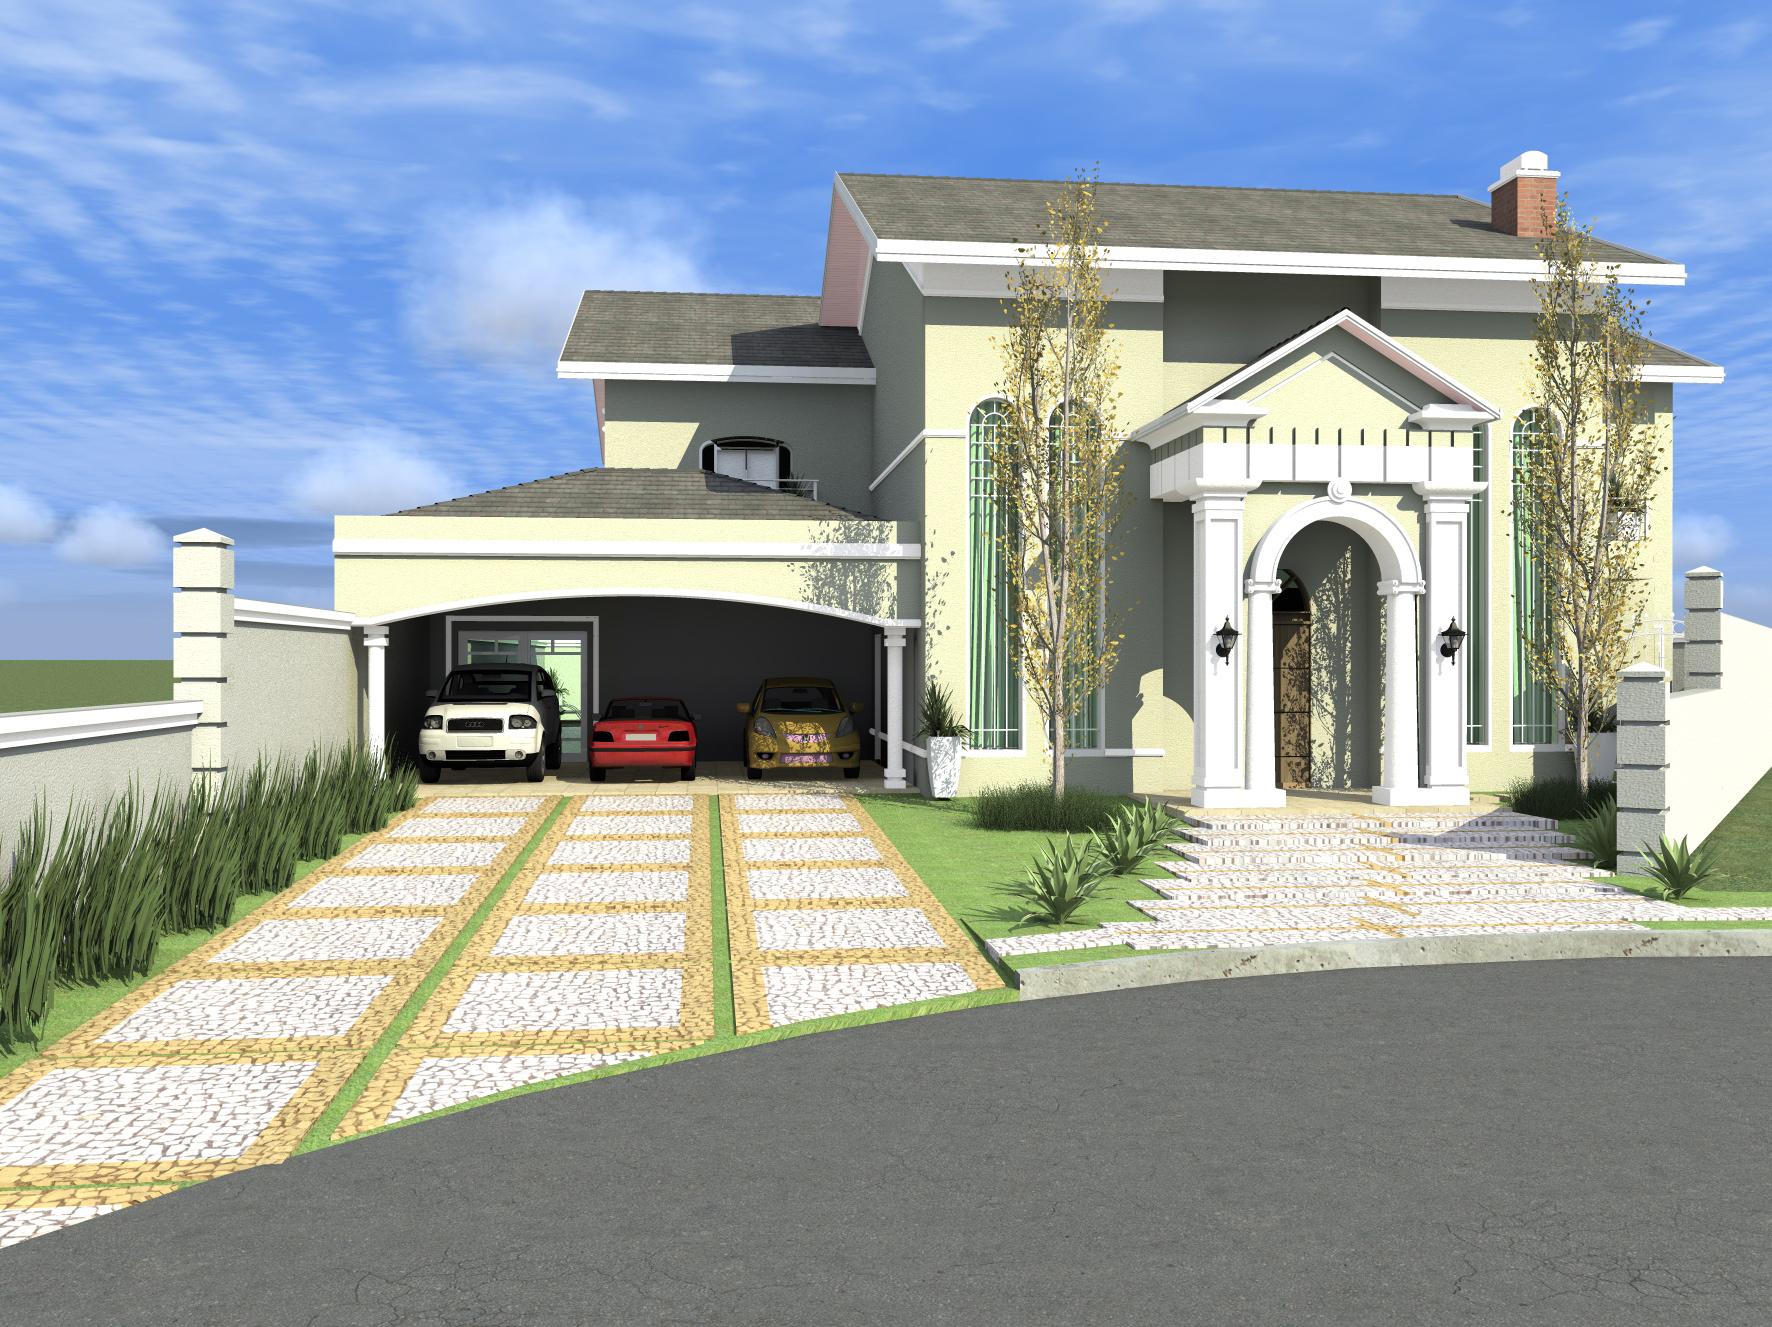 Casa americana no brasil em campinas for Casa classica moderna